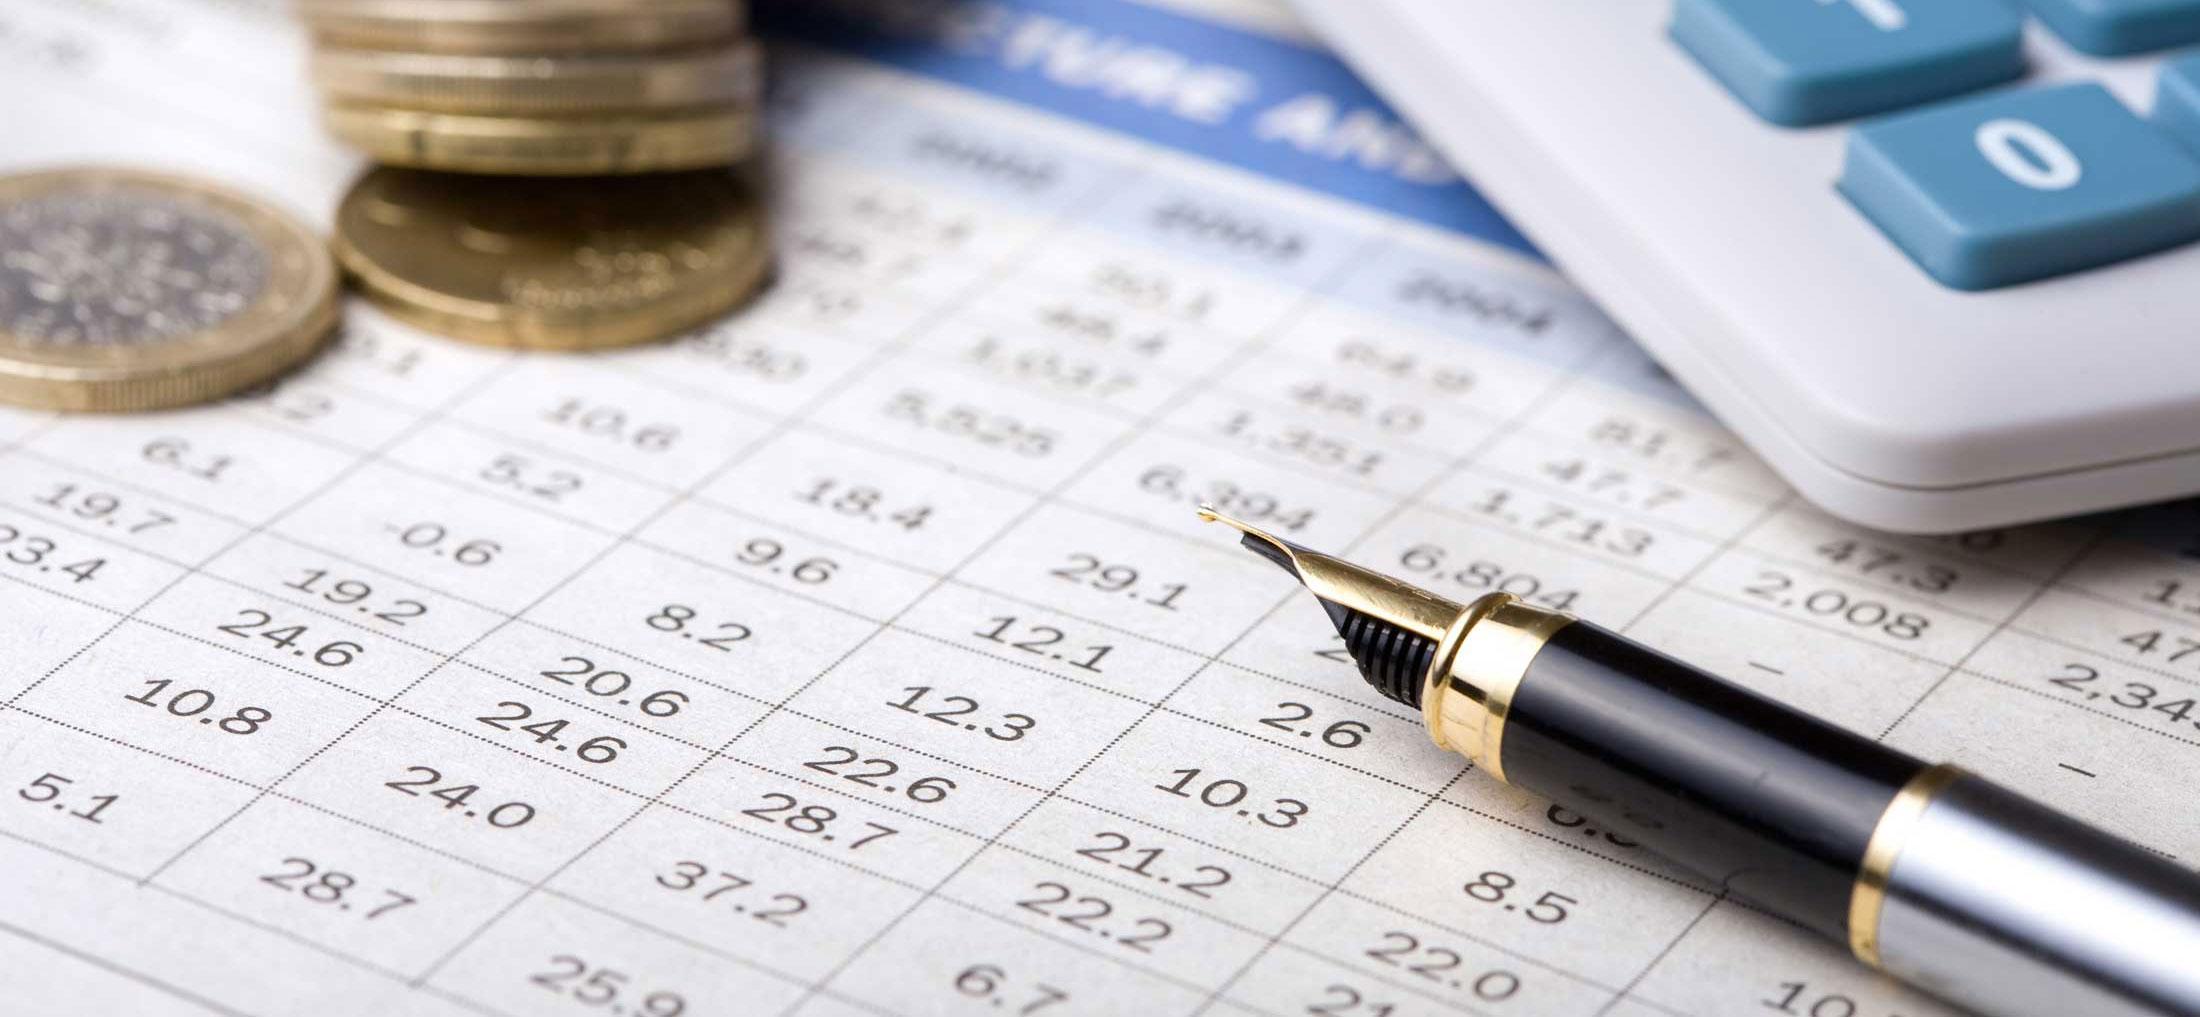 Comptabilité : une solution révolutionnaire pour les comptables